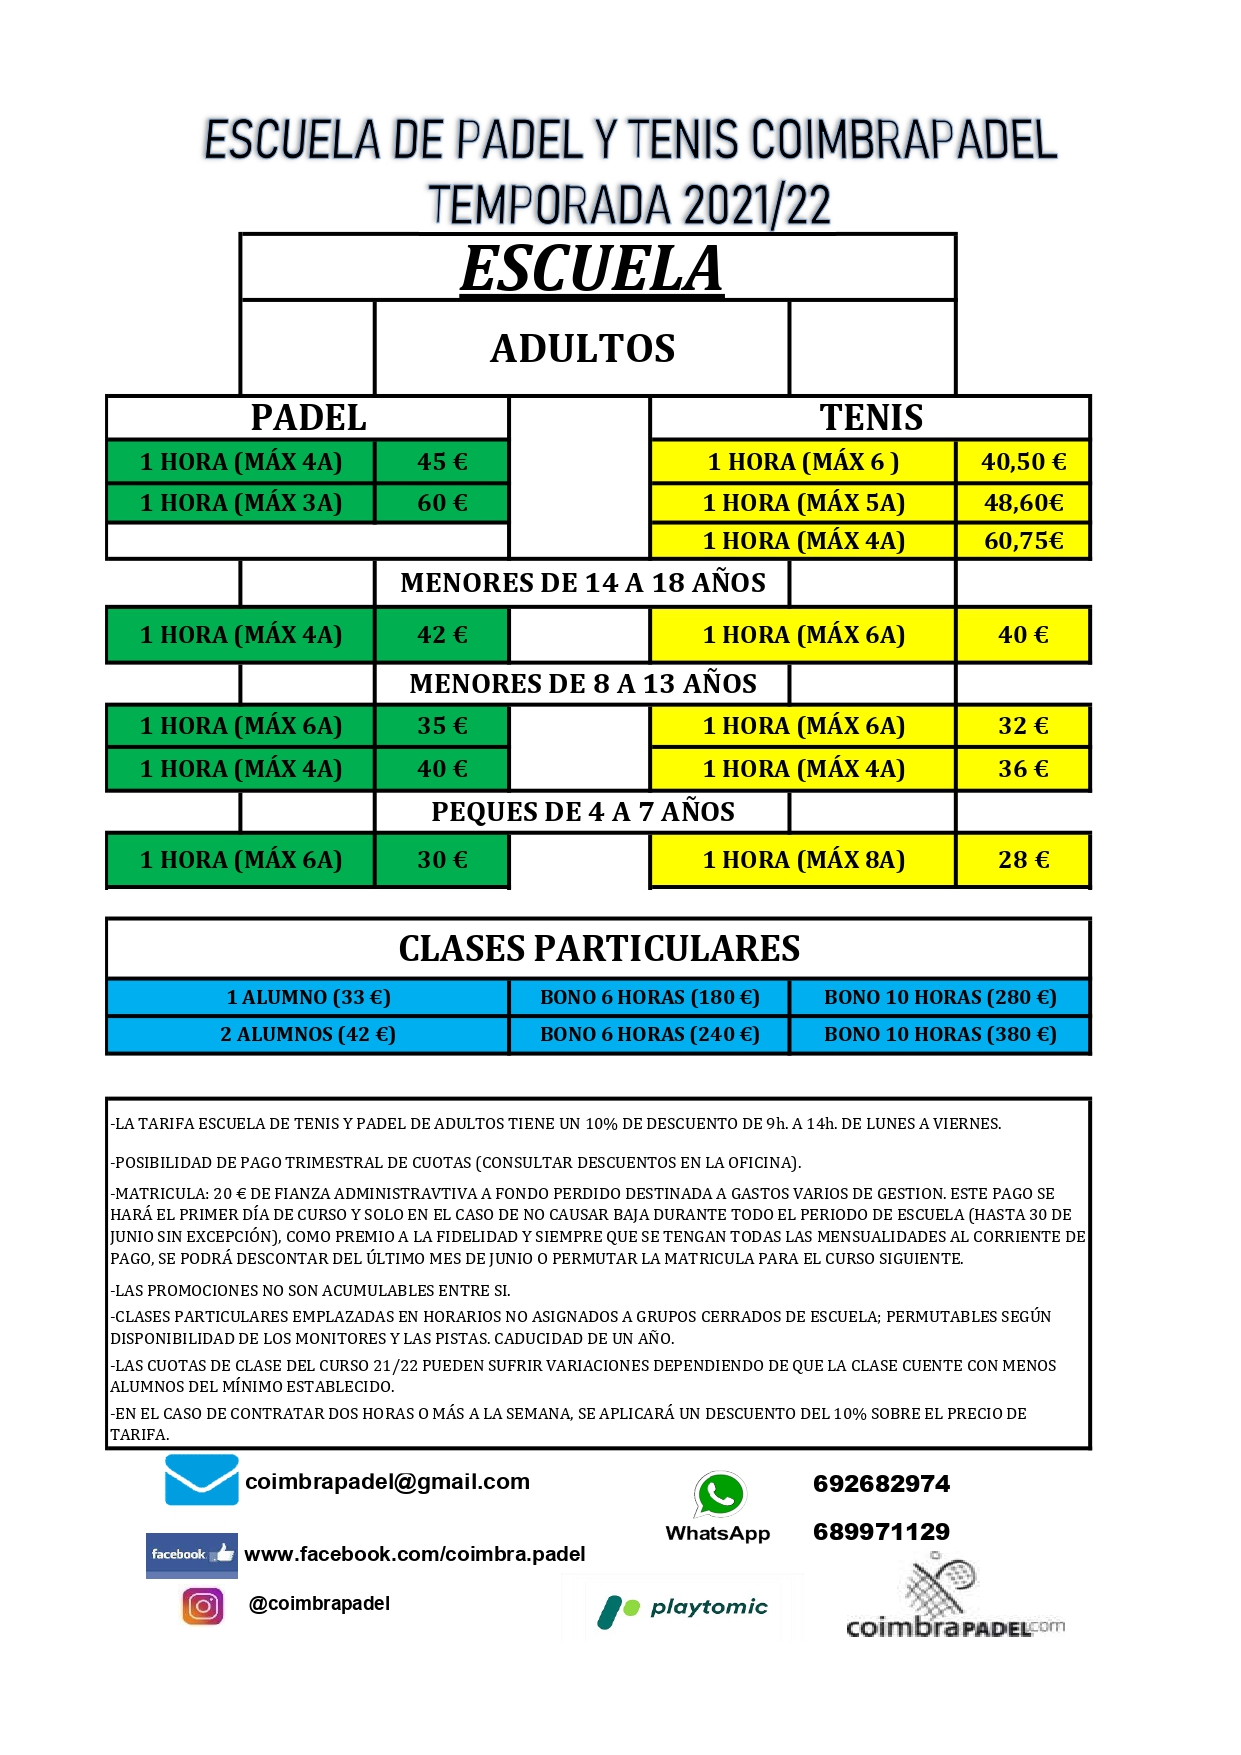 TARIFAS_ESCUELA_2021-2022_page-0001%281%